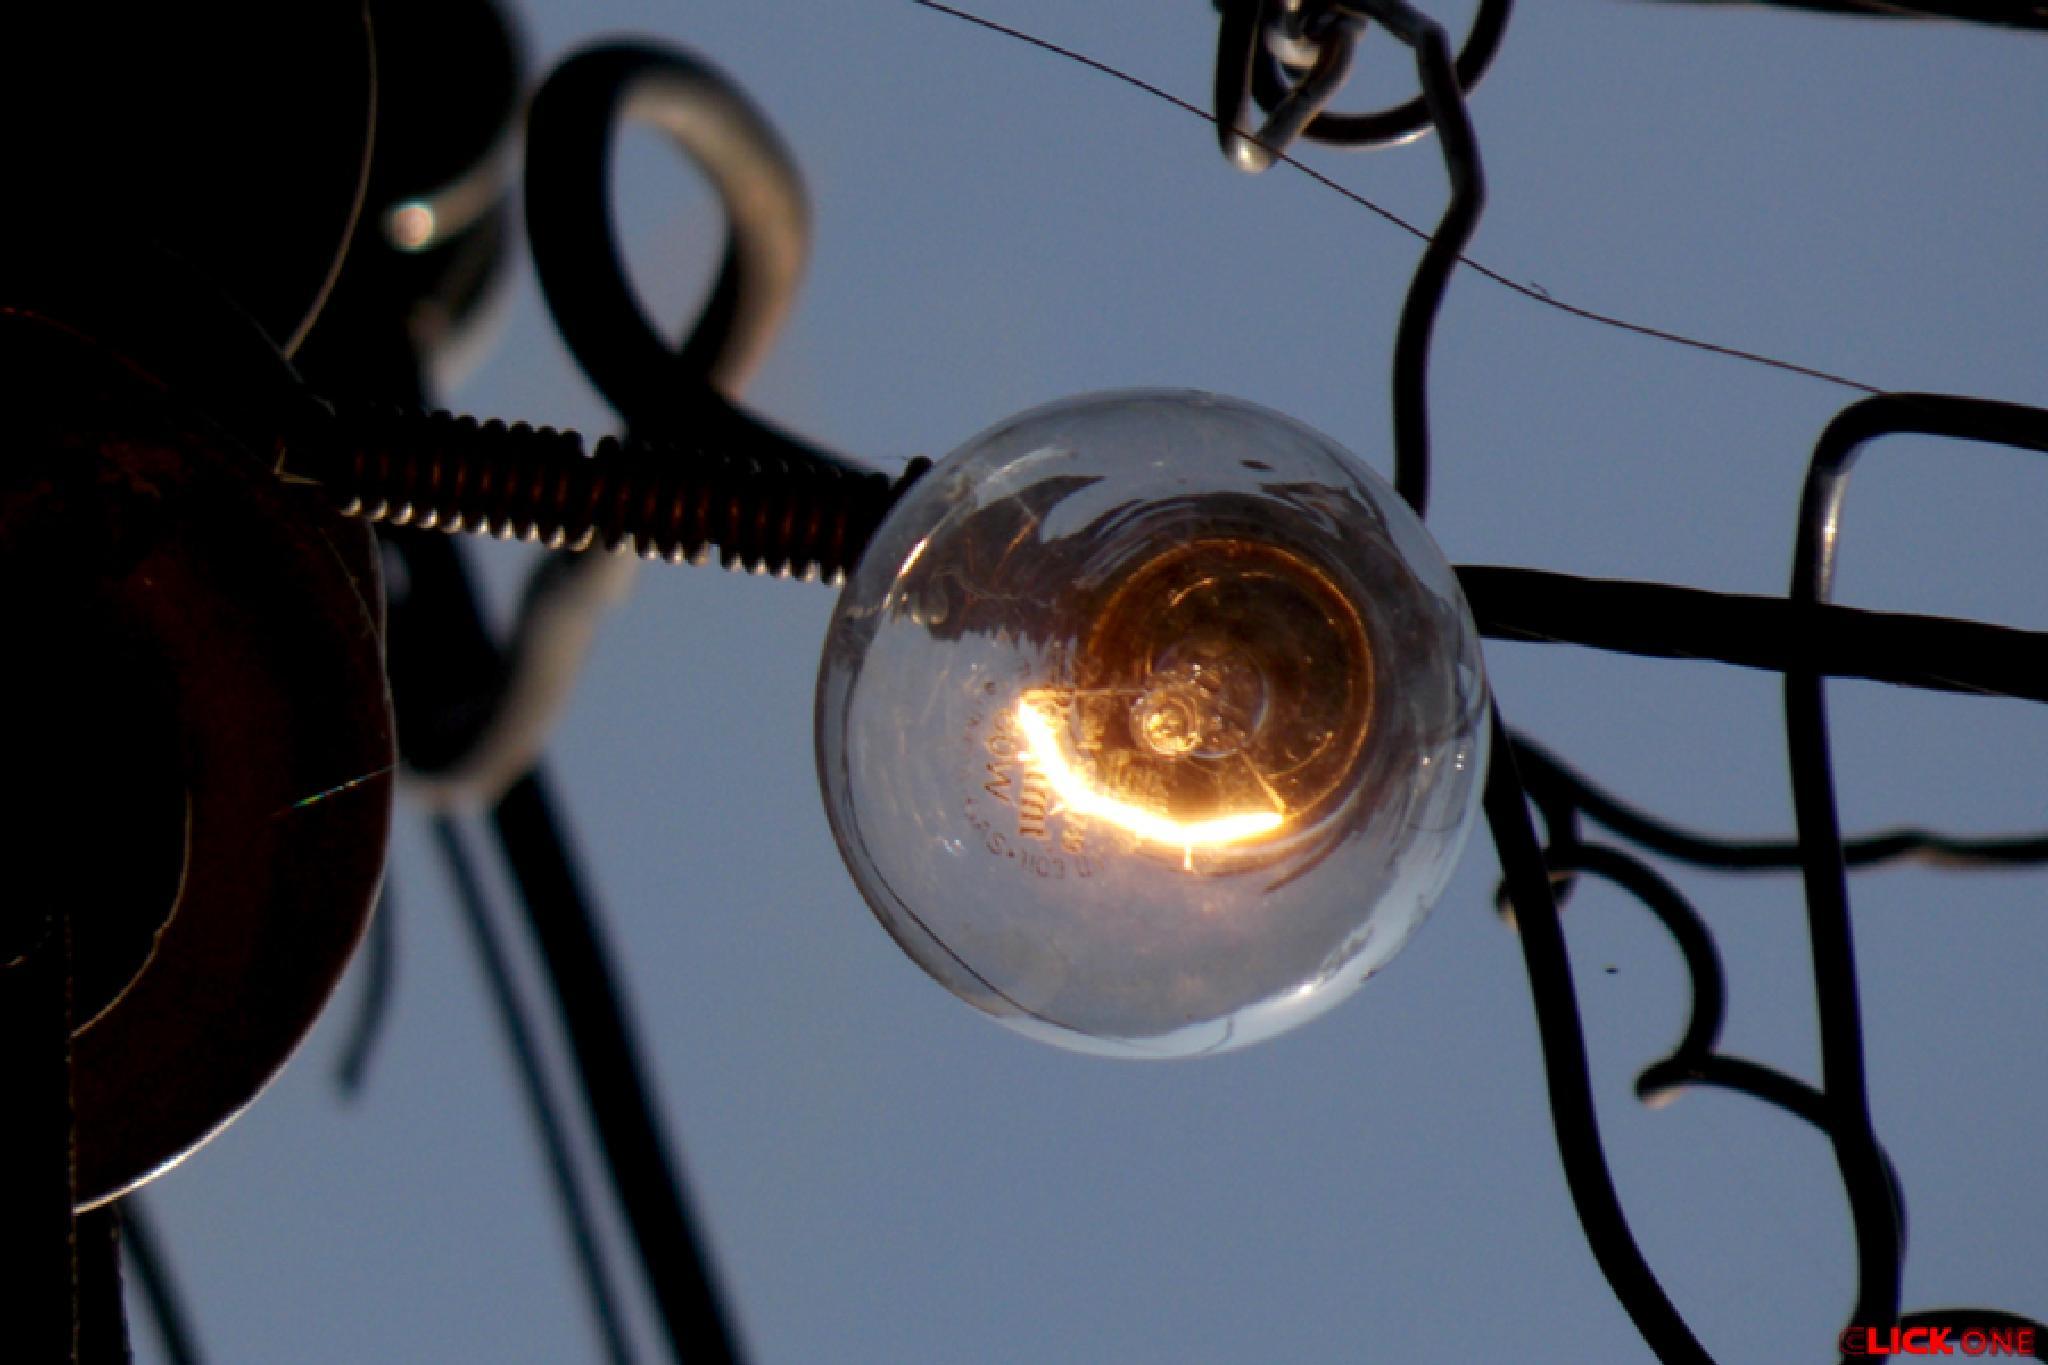 Street Light. by Ăjȫy Ðhâŕ